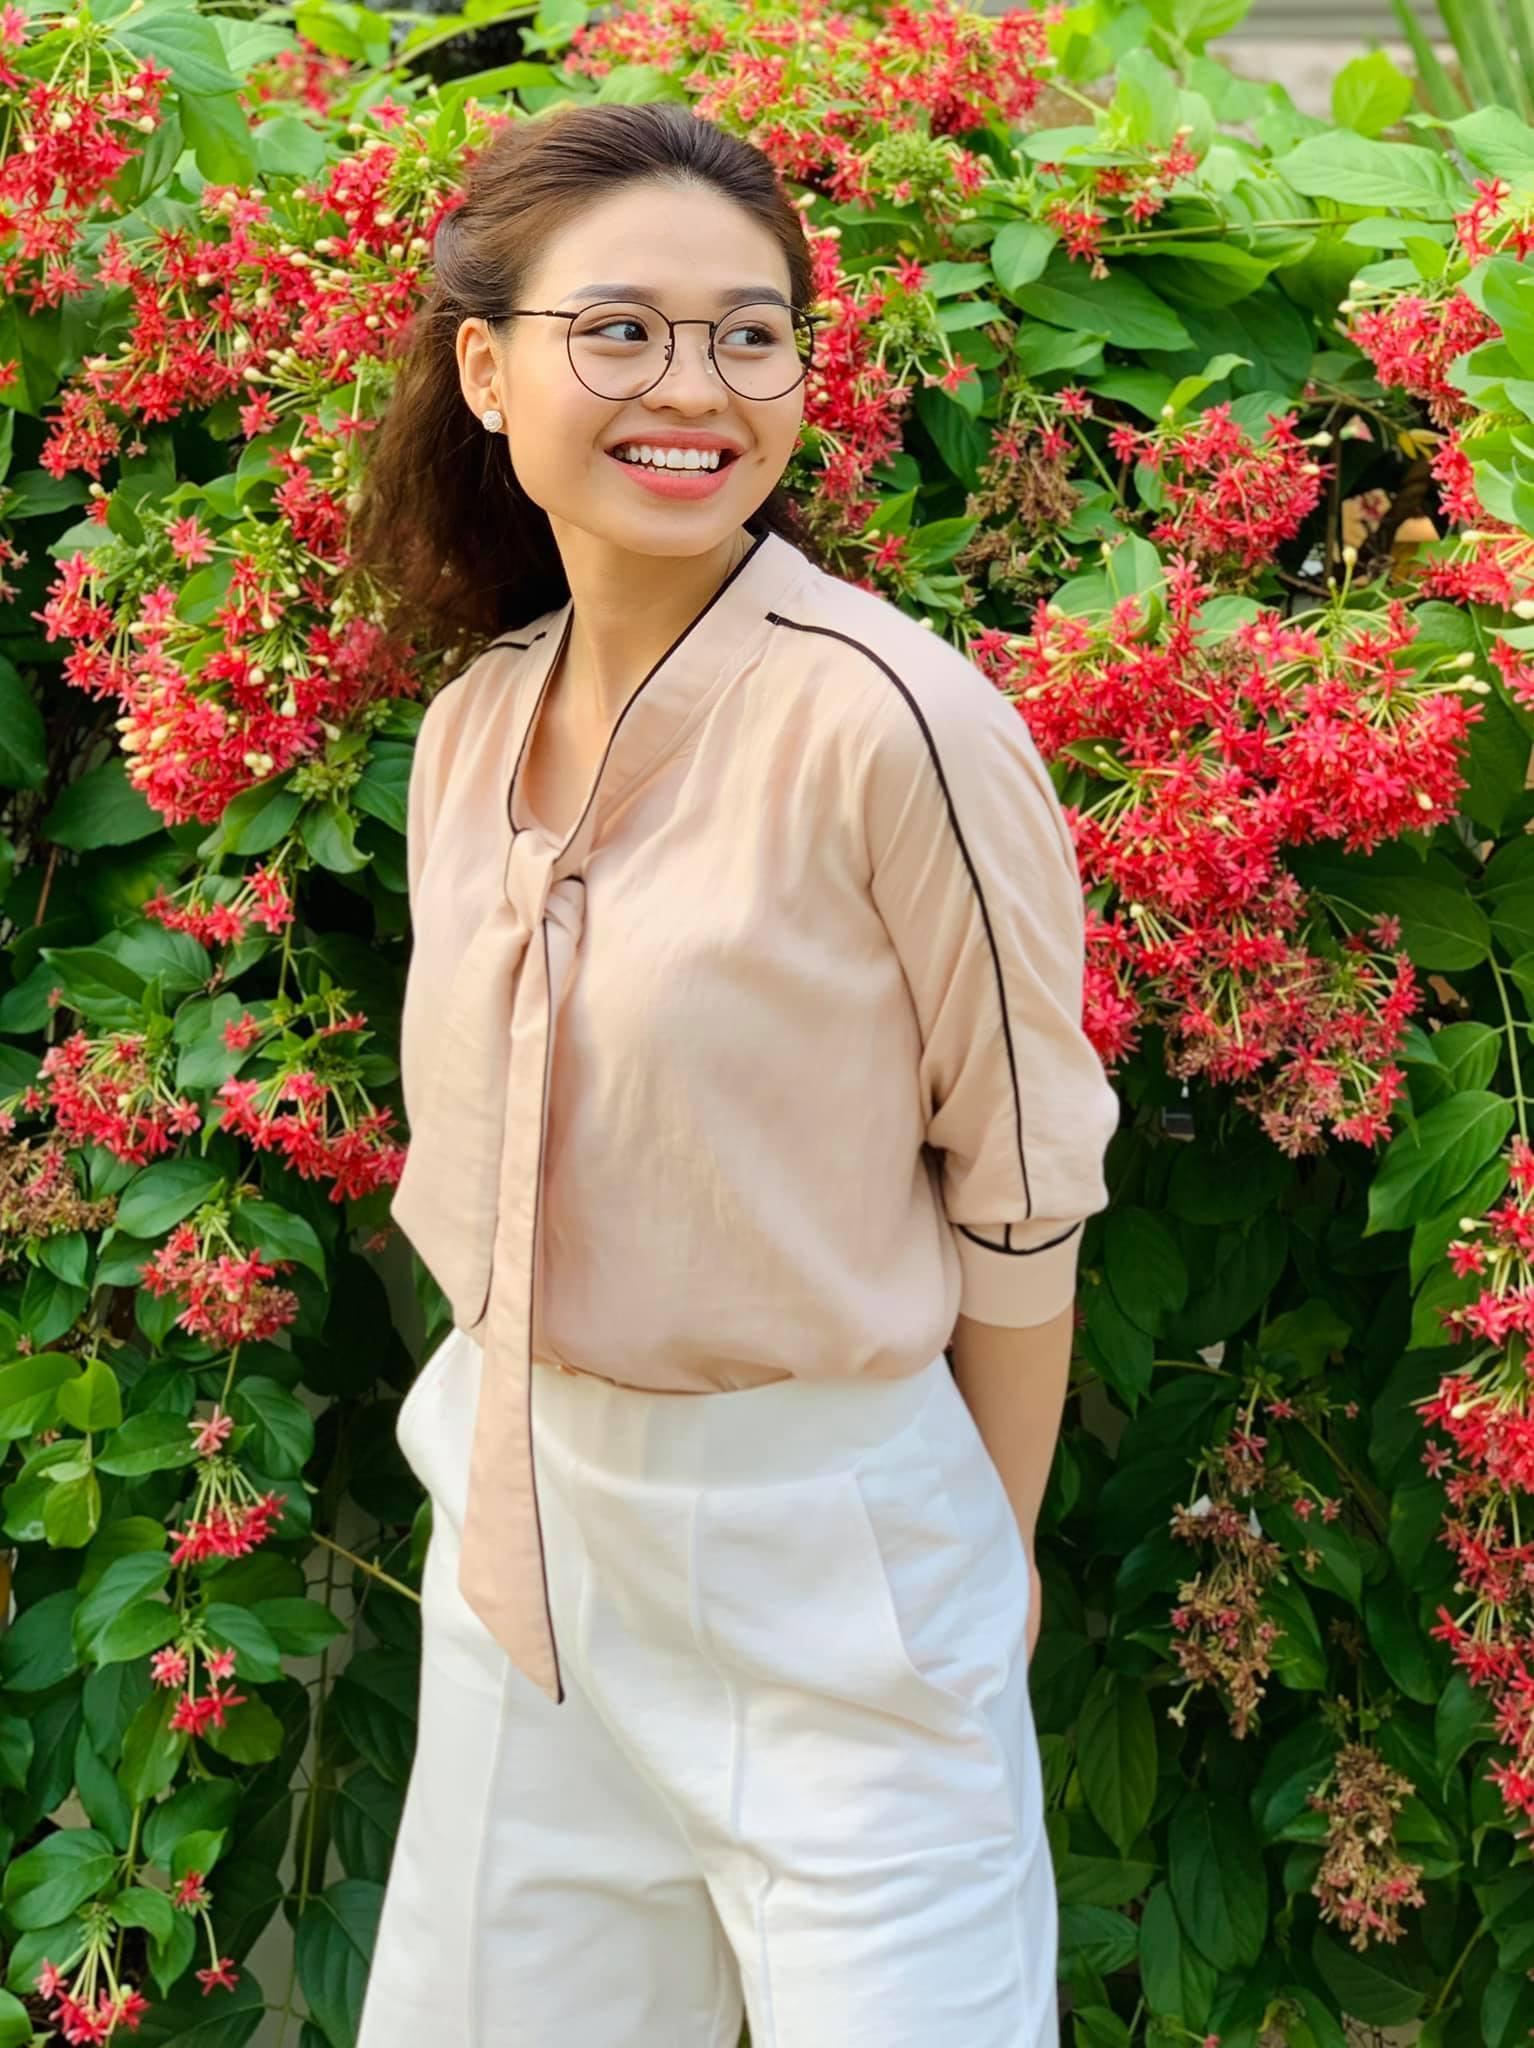 Con gái 26 tuổi xinh đẹp của Lê Giang - Duy Phương